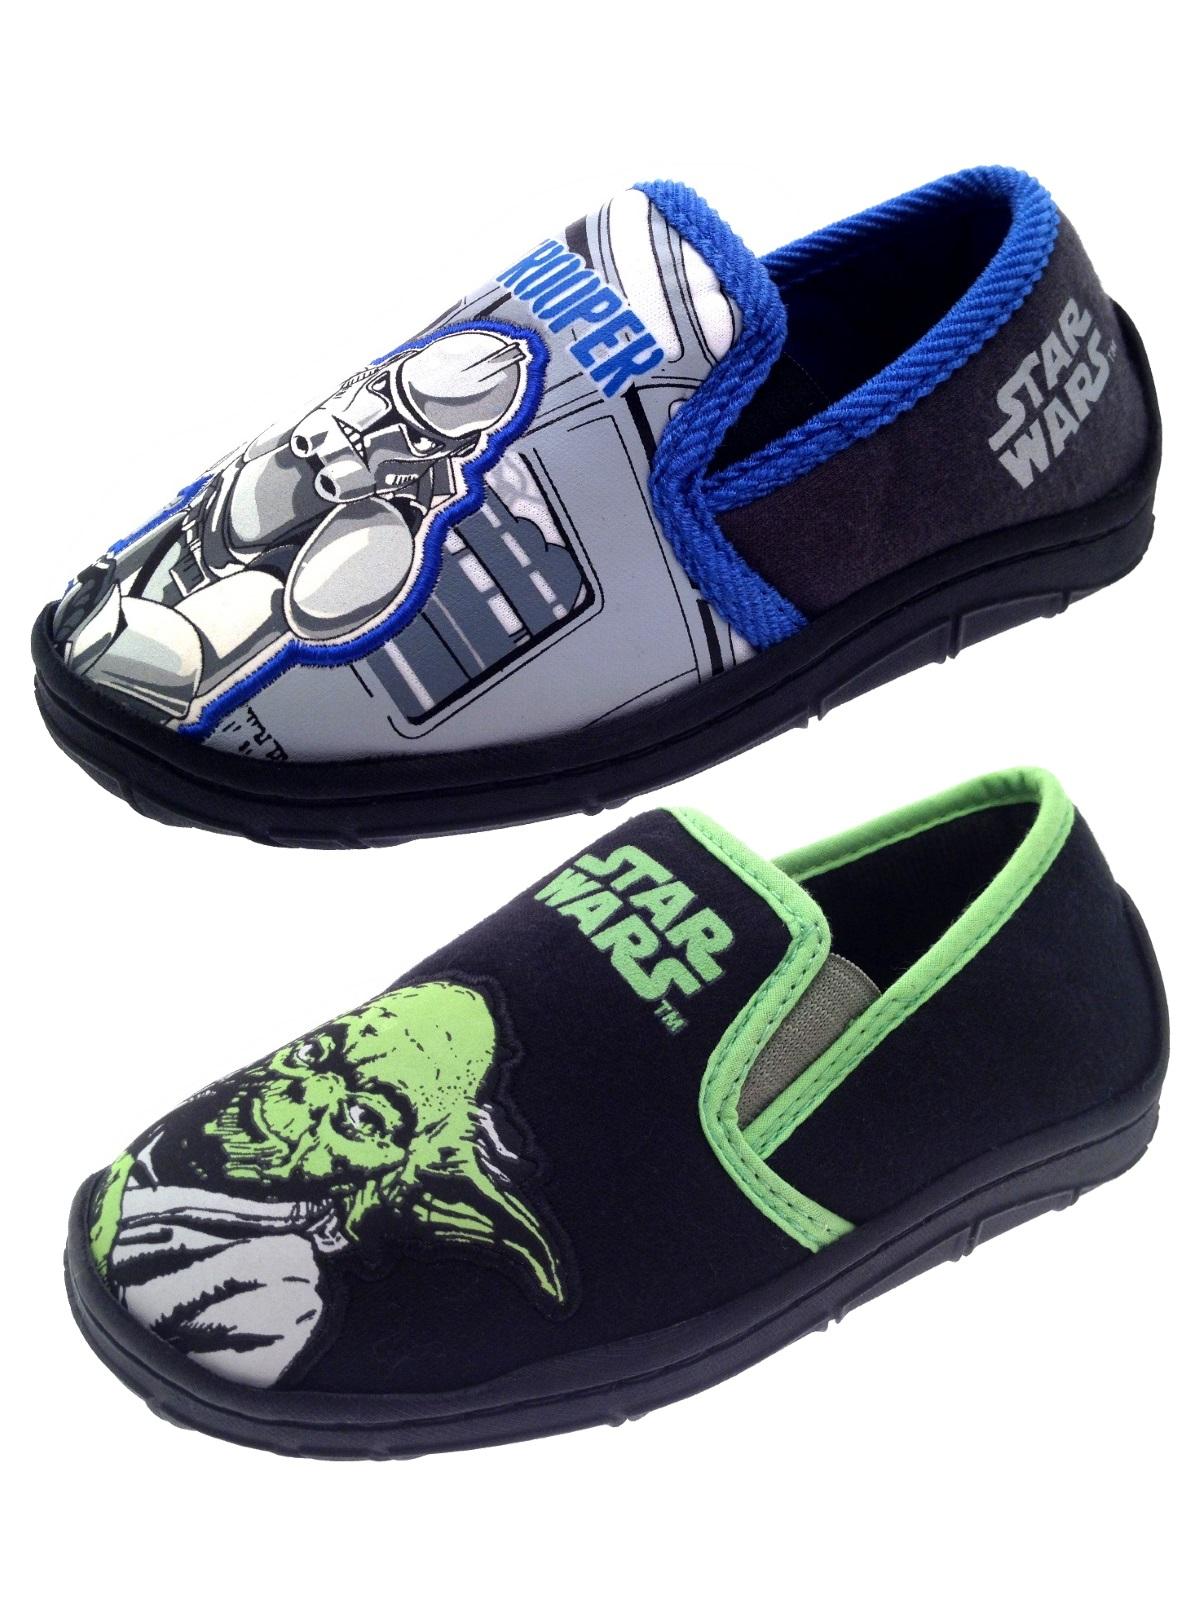 kids boys disney star wars slippers slip on novelty character shoes size uk 7 1. Black Bedroom Furniture Sets. Home Design Ideas